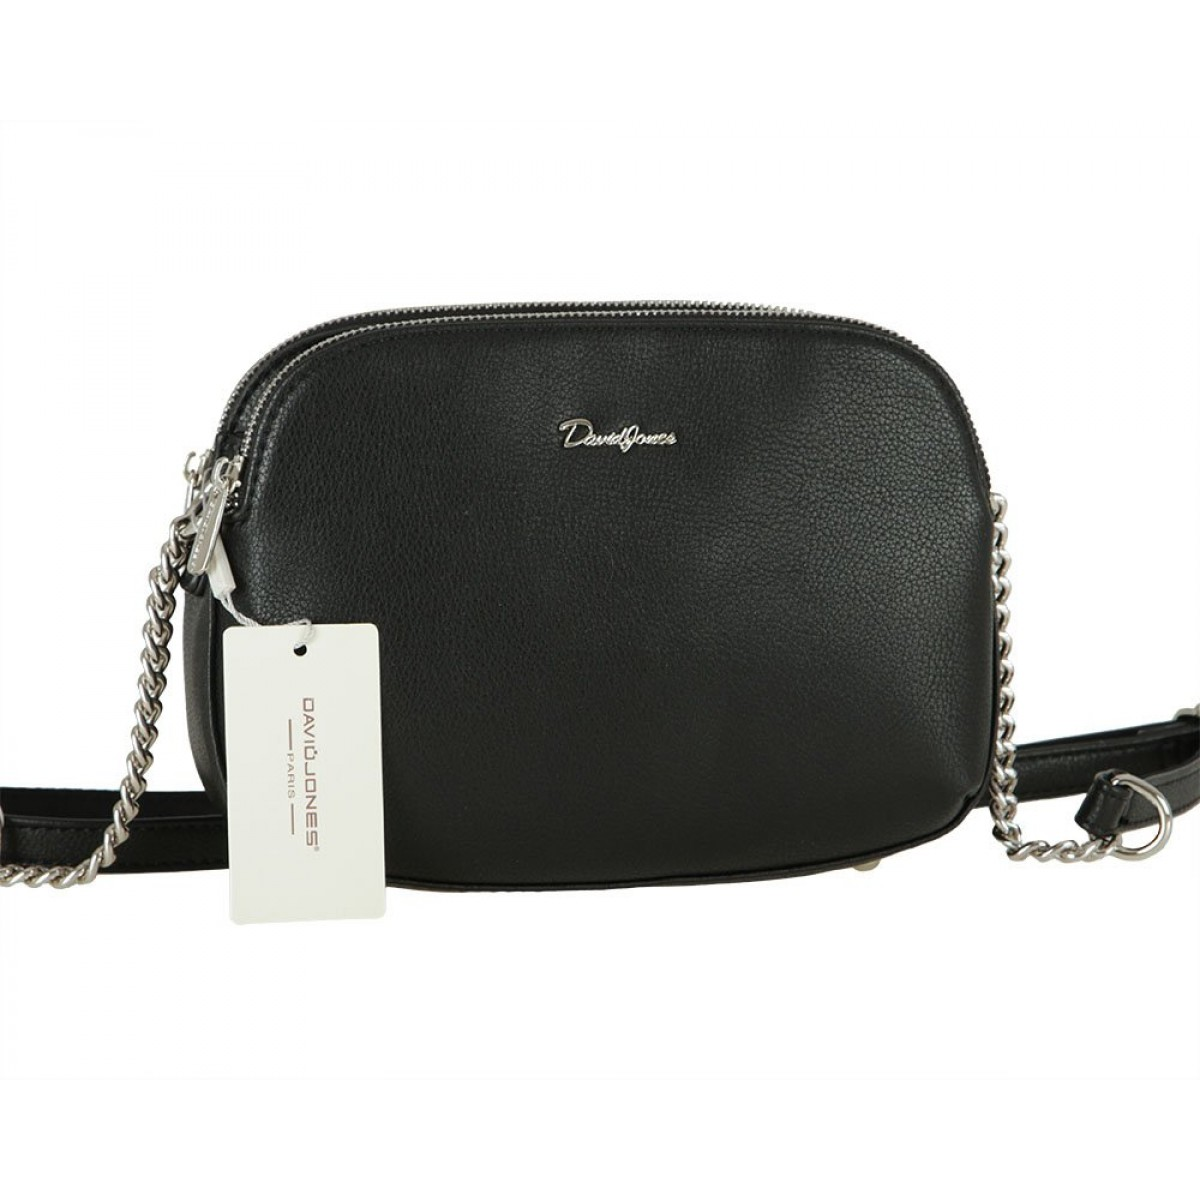 Жіноча сумка David Jones 6412-2 BLACK